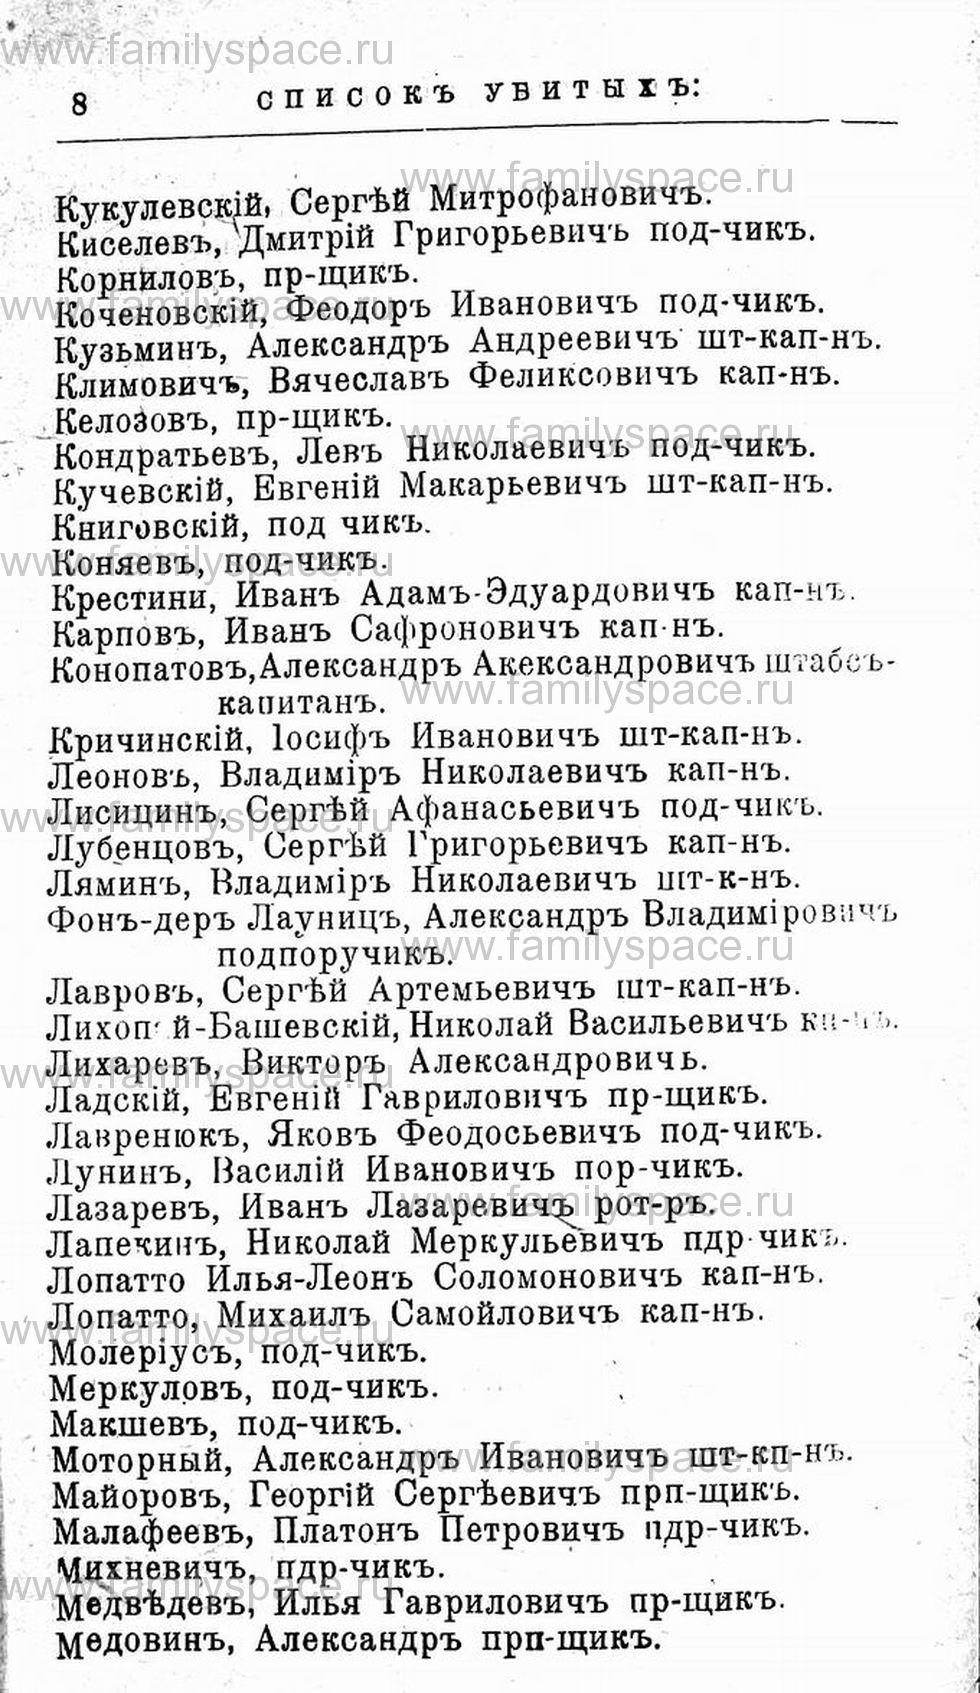 Поиск по фамилии - Первая мировая война - 1914 (списки убитых и раненых), страница 8